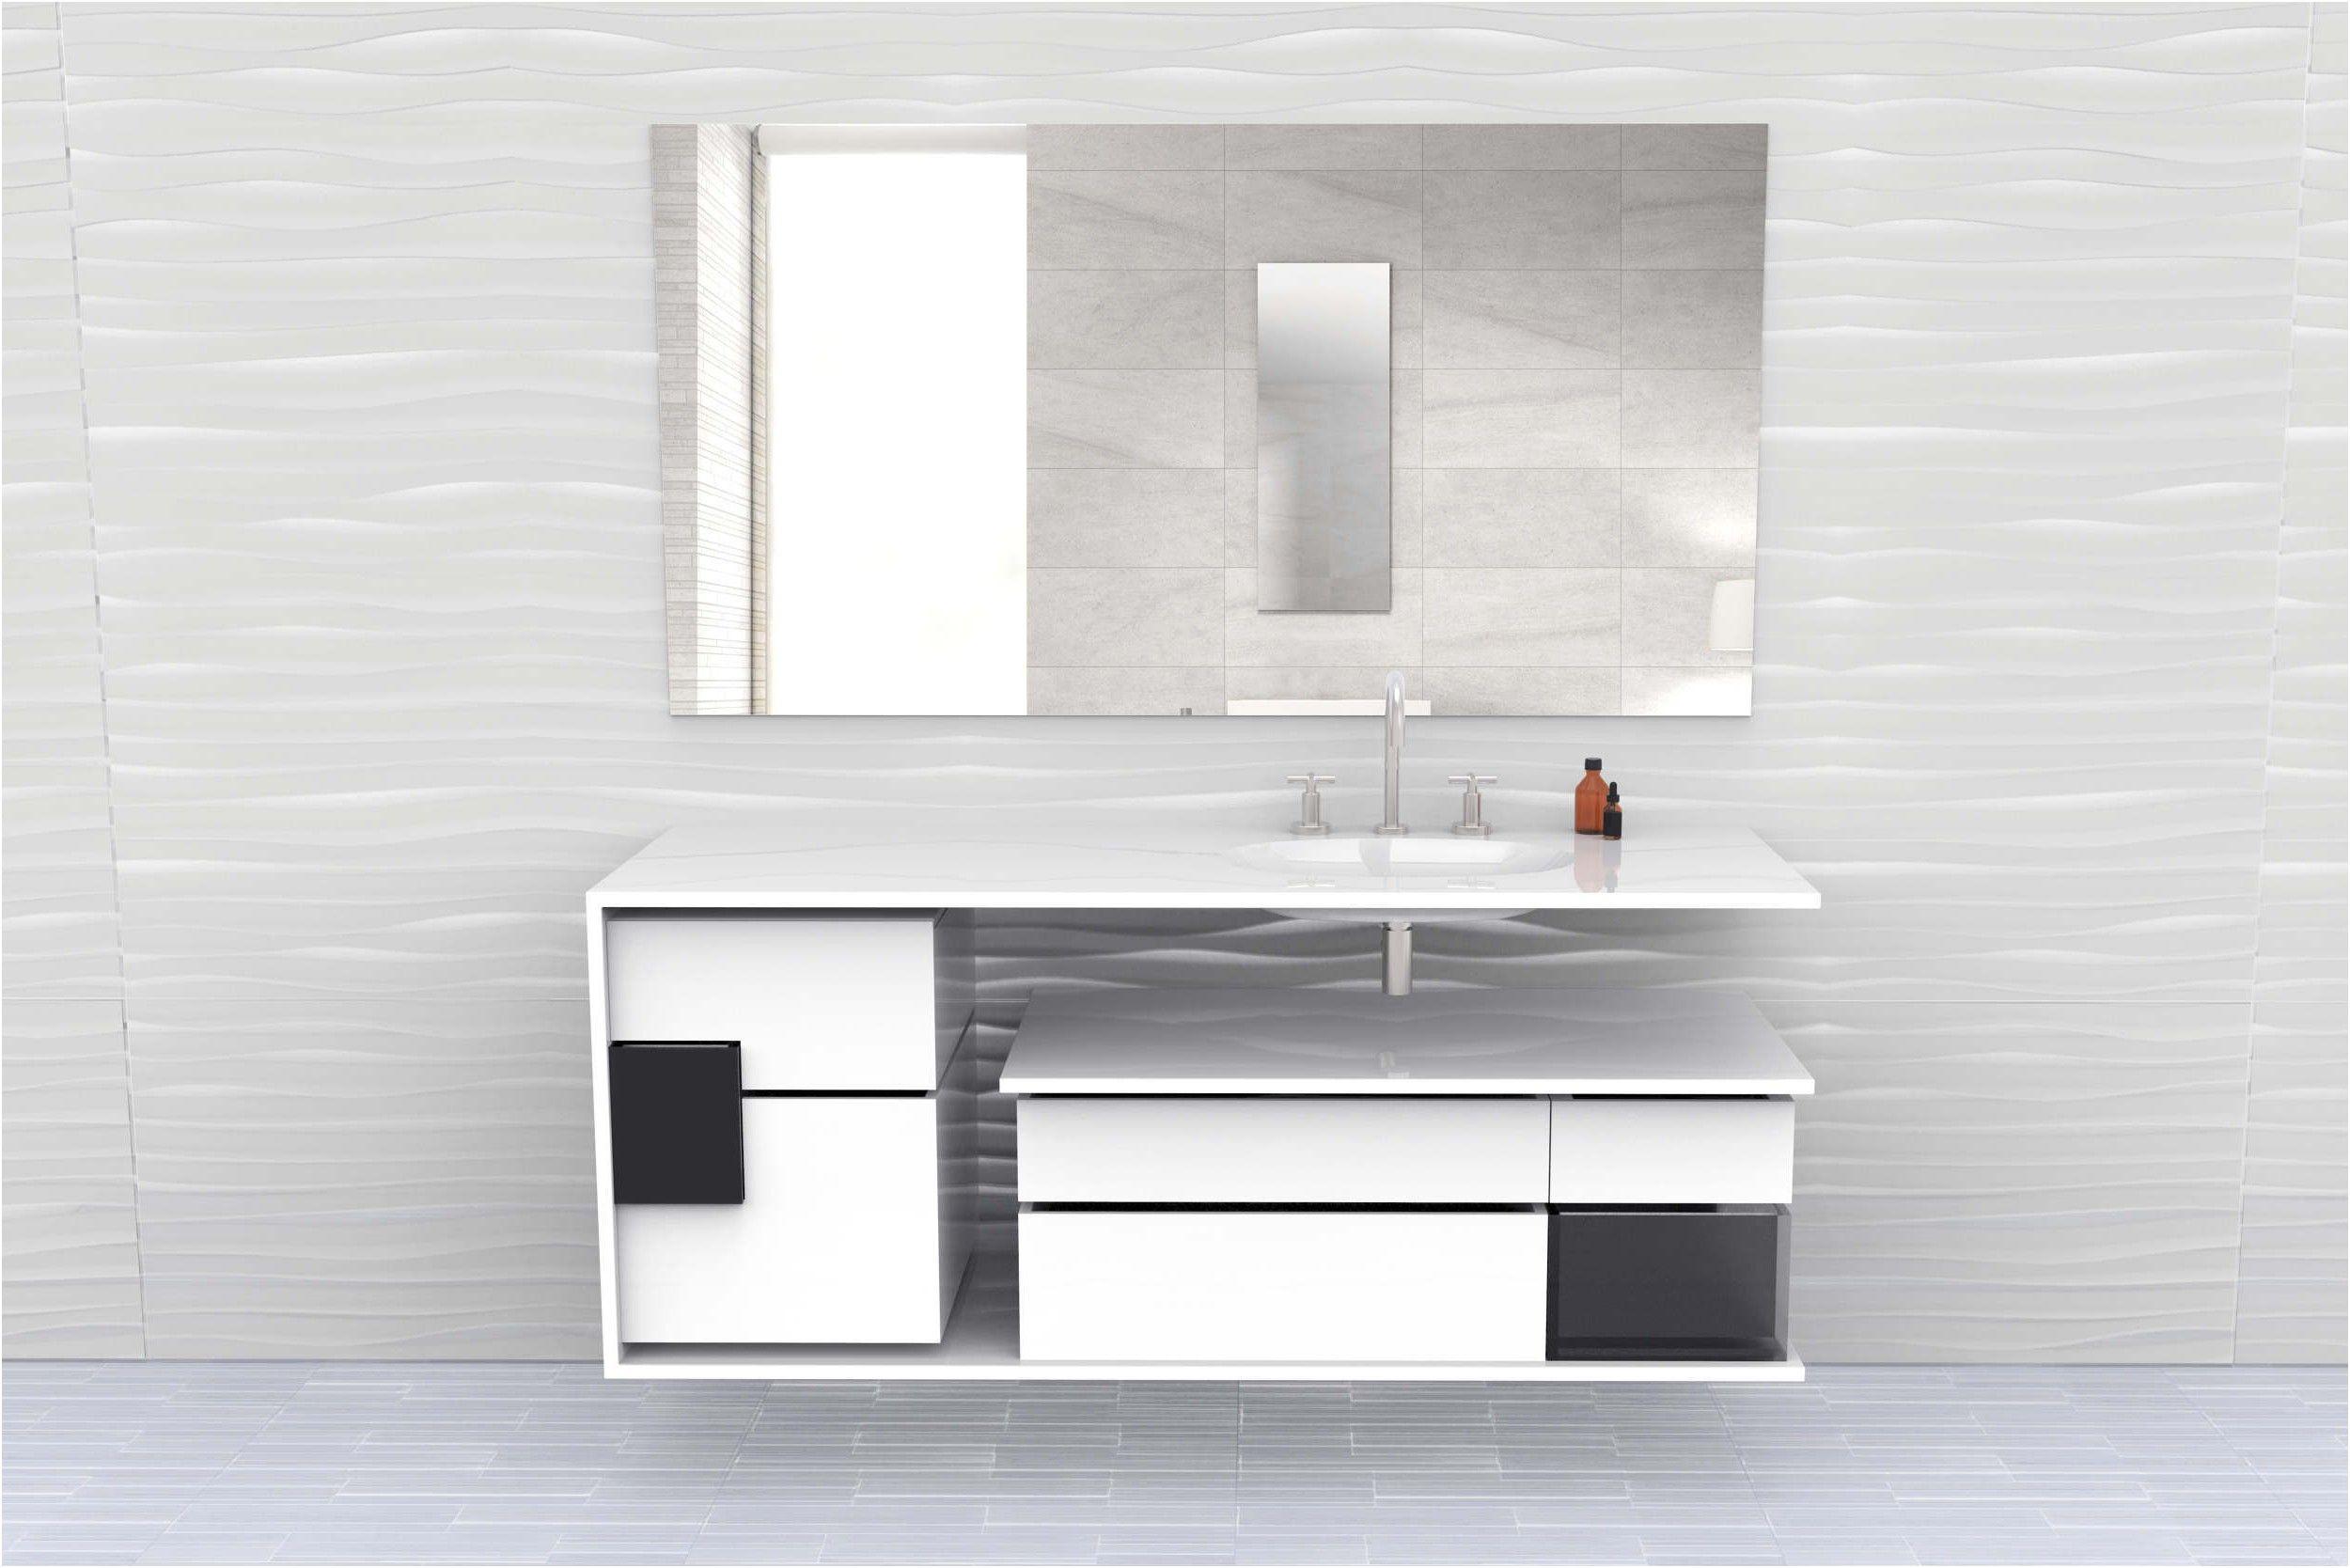 reece bathroom vanities topbathroomvanities from Reece Bathroom